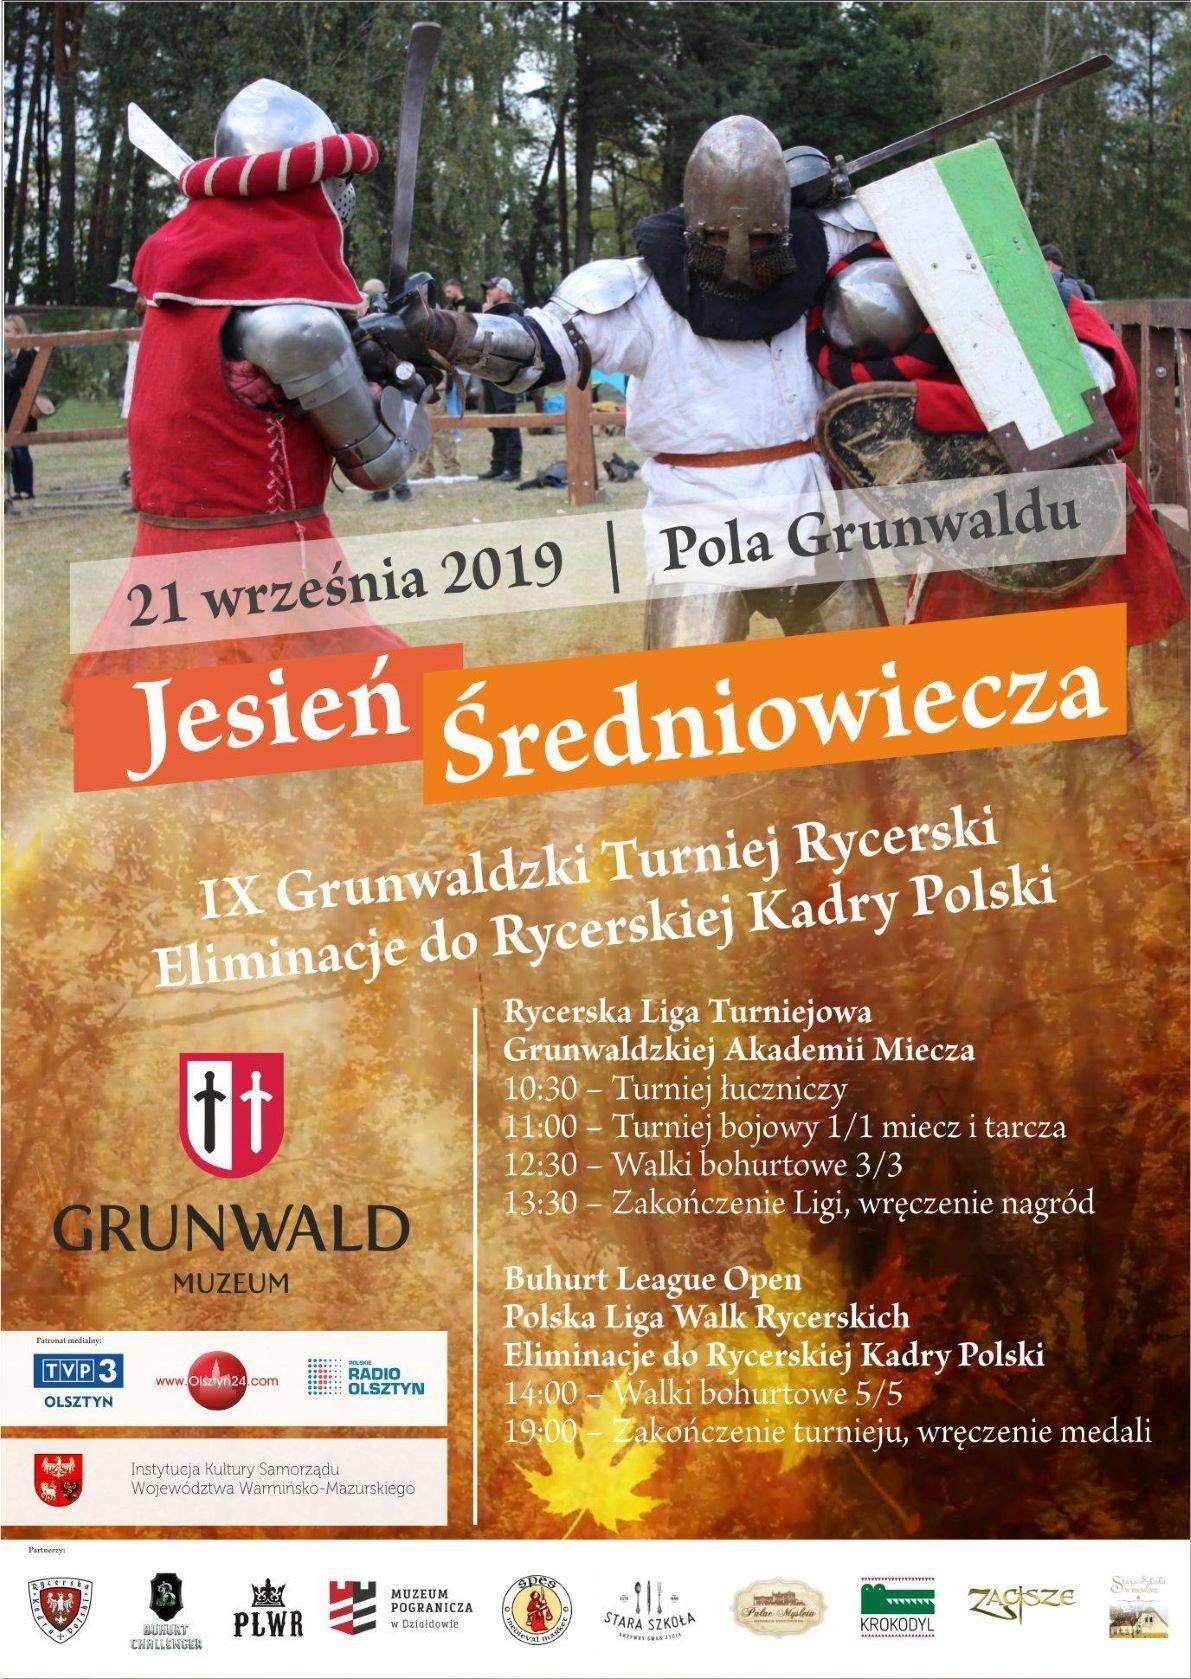 """Grunwaldzki Turniej Rycerski """"Jesień Średniowiecza"""" - full image"""